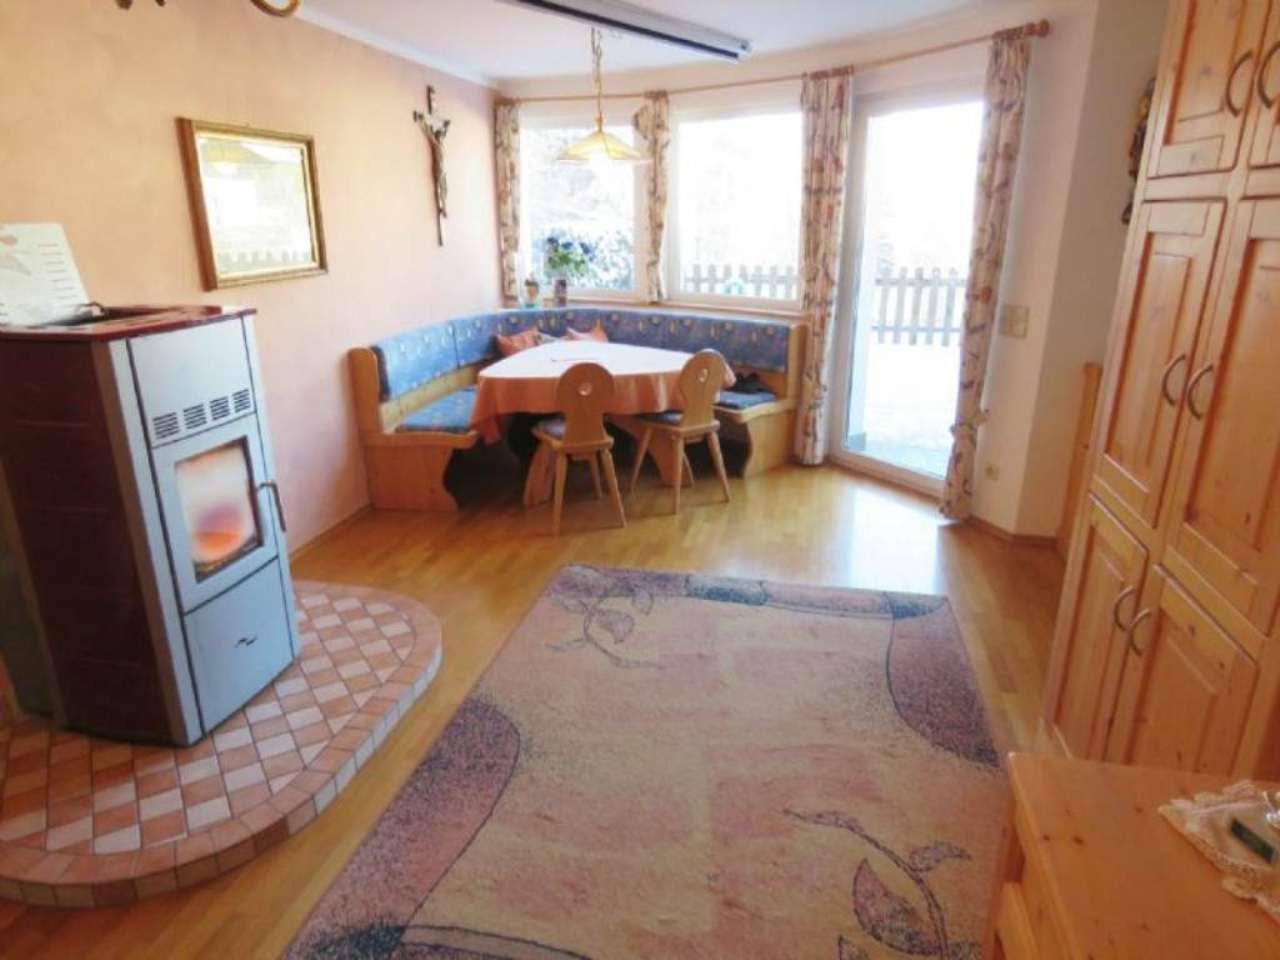 Appartamento in vendita a Nova Levante, 4 locali, prezzo € 220.000 | Cambio Casa.it